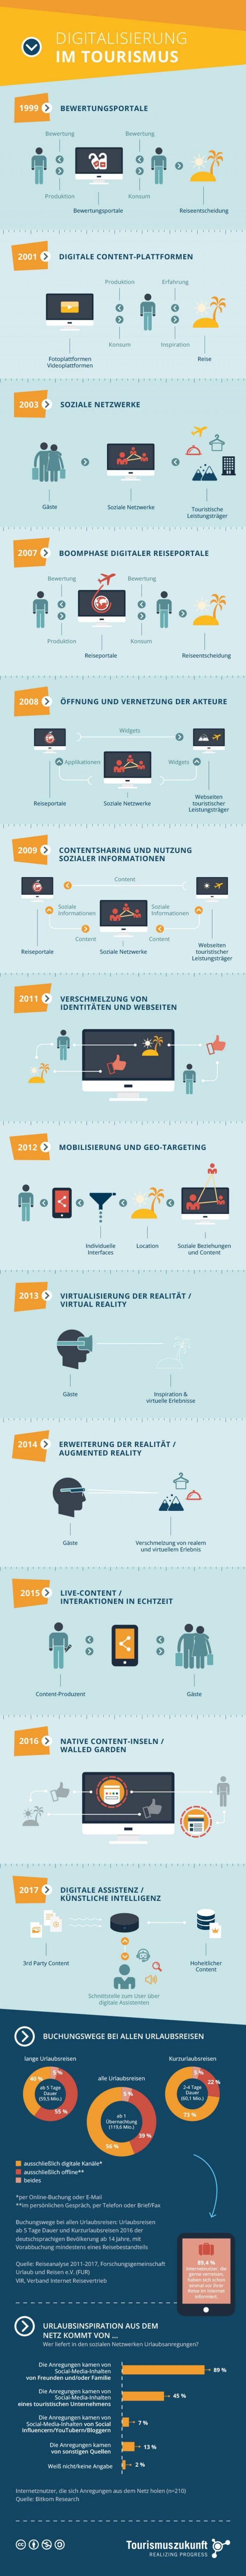 Seit dem Jahr 2014 aktualisieren wir unsere Infografik zum Digitalen Wandel im Tourismus kontinuierlich im Rahmen der ITB Berlin. In diesem Jahr hat sich einiges getan – die Digitalisierung im Tourismus schreitet voran. Wir haben zwei neue Entwicklungsstufen im Vergleich zur Version aus dem letzten Jahr integriert -2015: Live-Content / Interaktionen in Echtzeit  -2017: Digitale Assistenz / Künstliche Intelligenz.  Zudem haben wir neue Zahlen und Statistiken integriert.